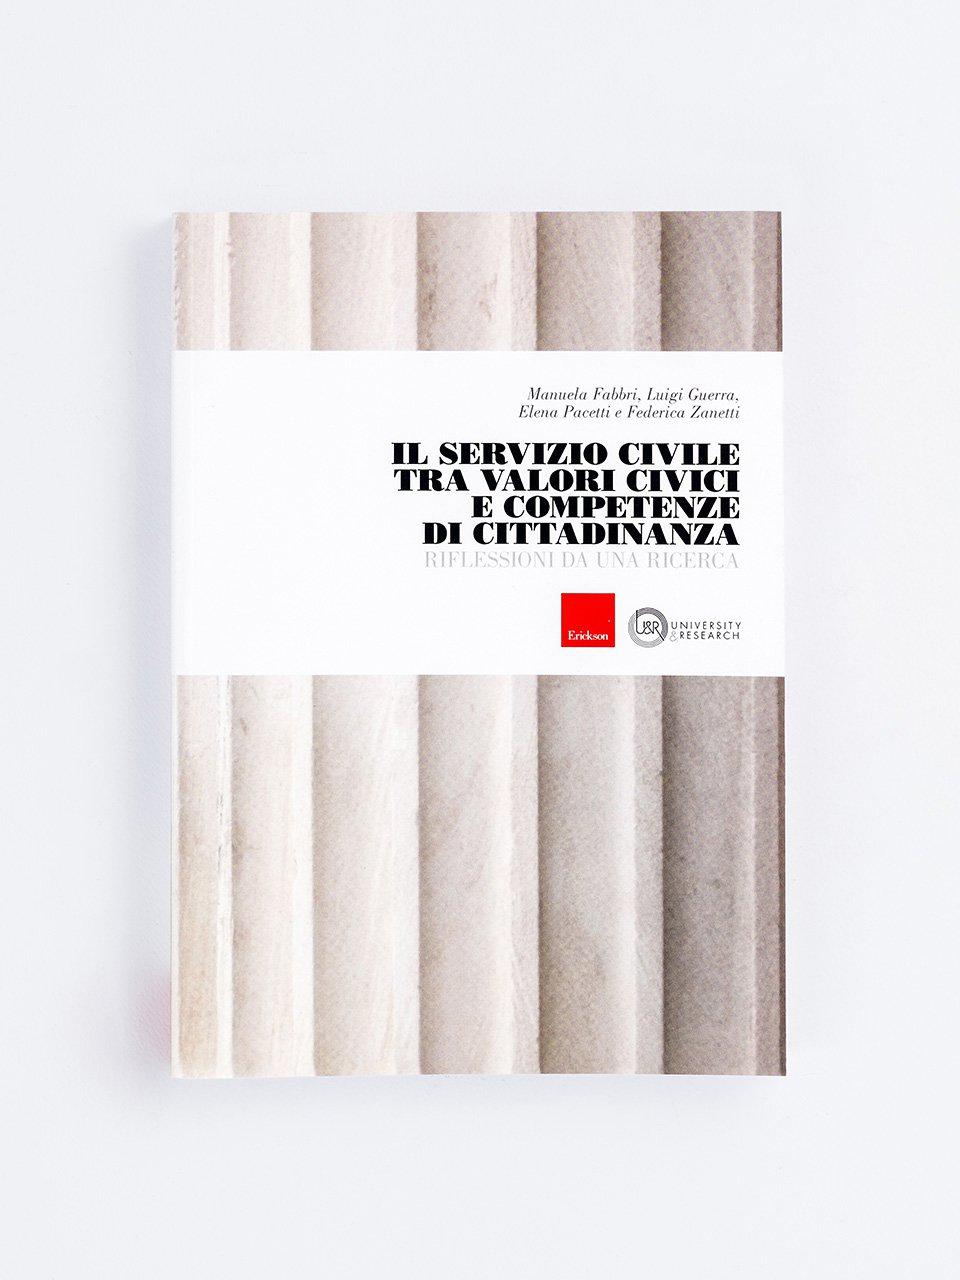 Il Servizio Civile tra valori civici e competenze di cittadinanza - Career counseling - Libri - Erickson